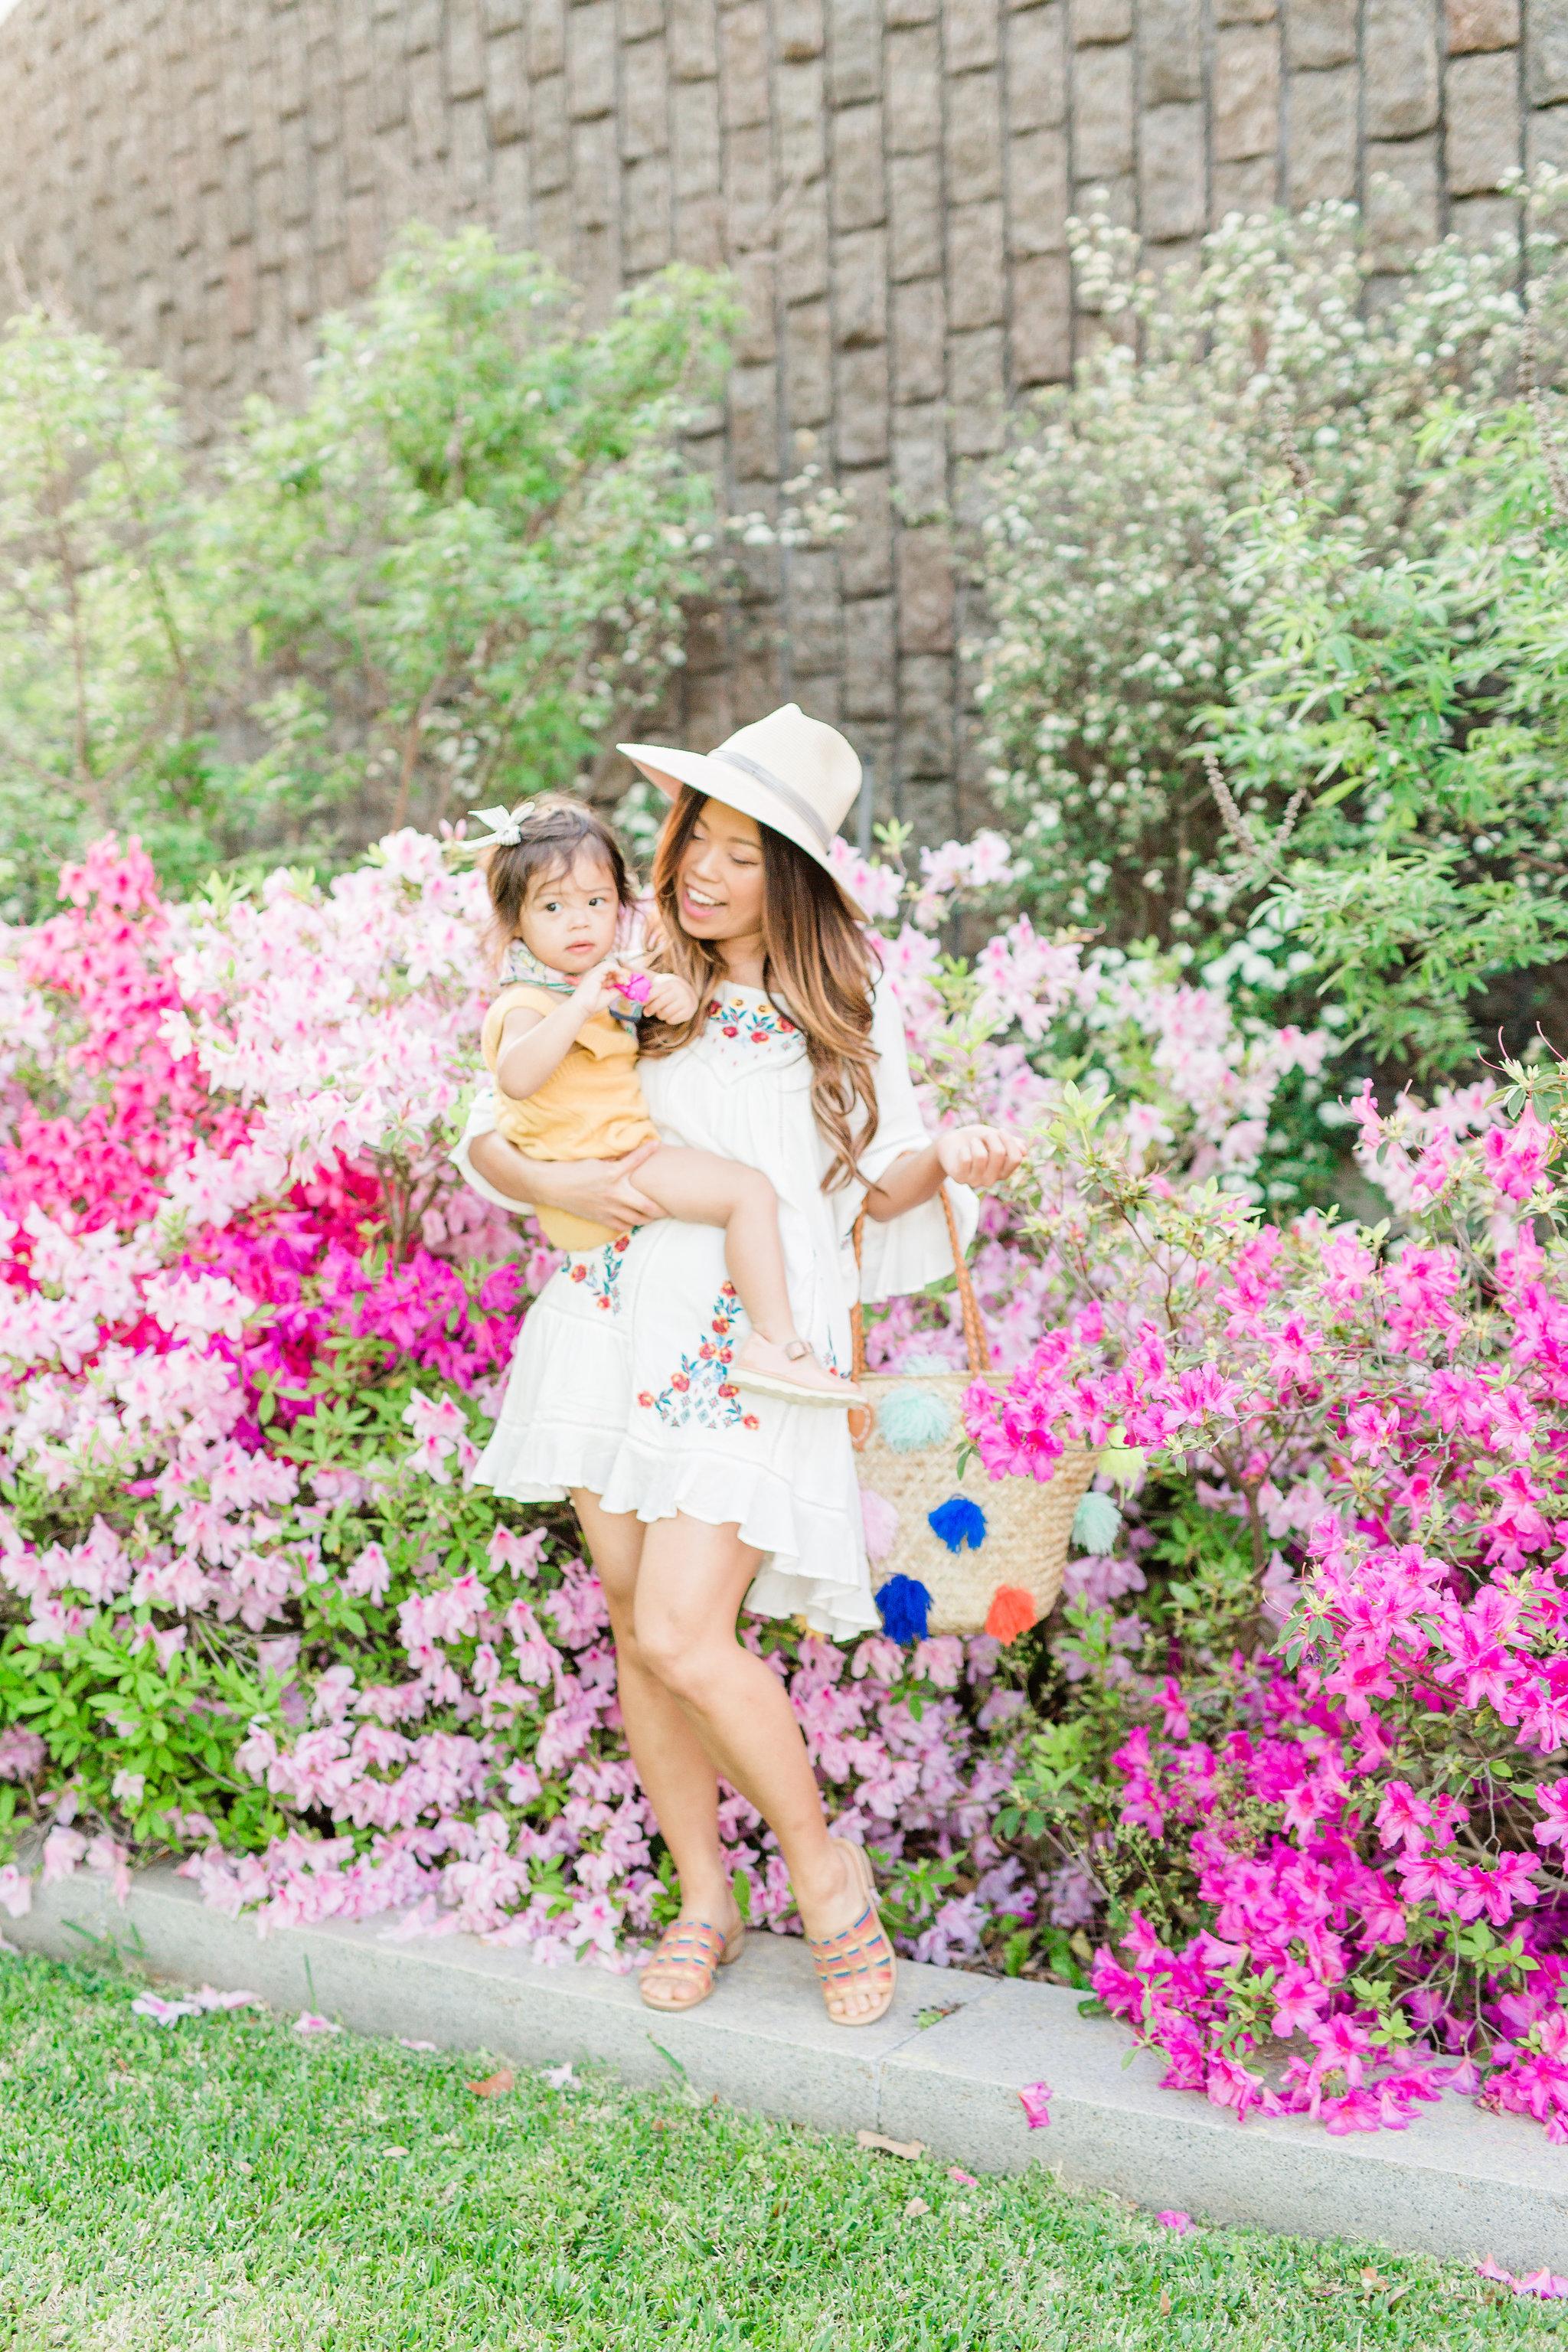 Joyfullygreen Comfortiva Brileigh Houston Azalea Trail Photoshoot..jpg